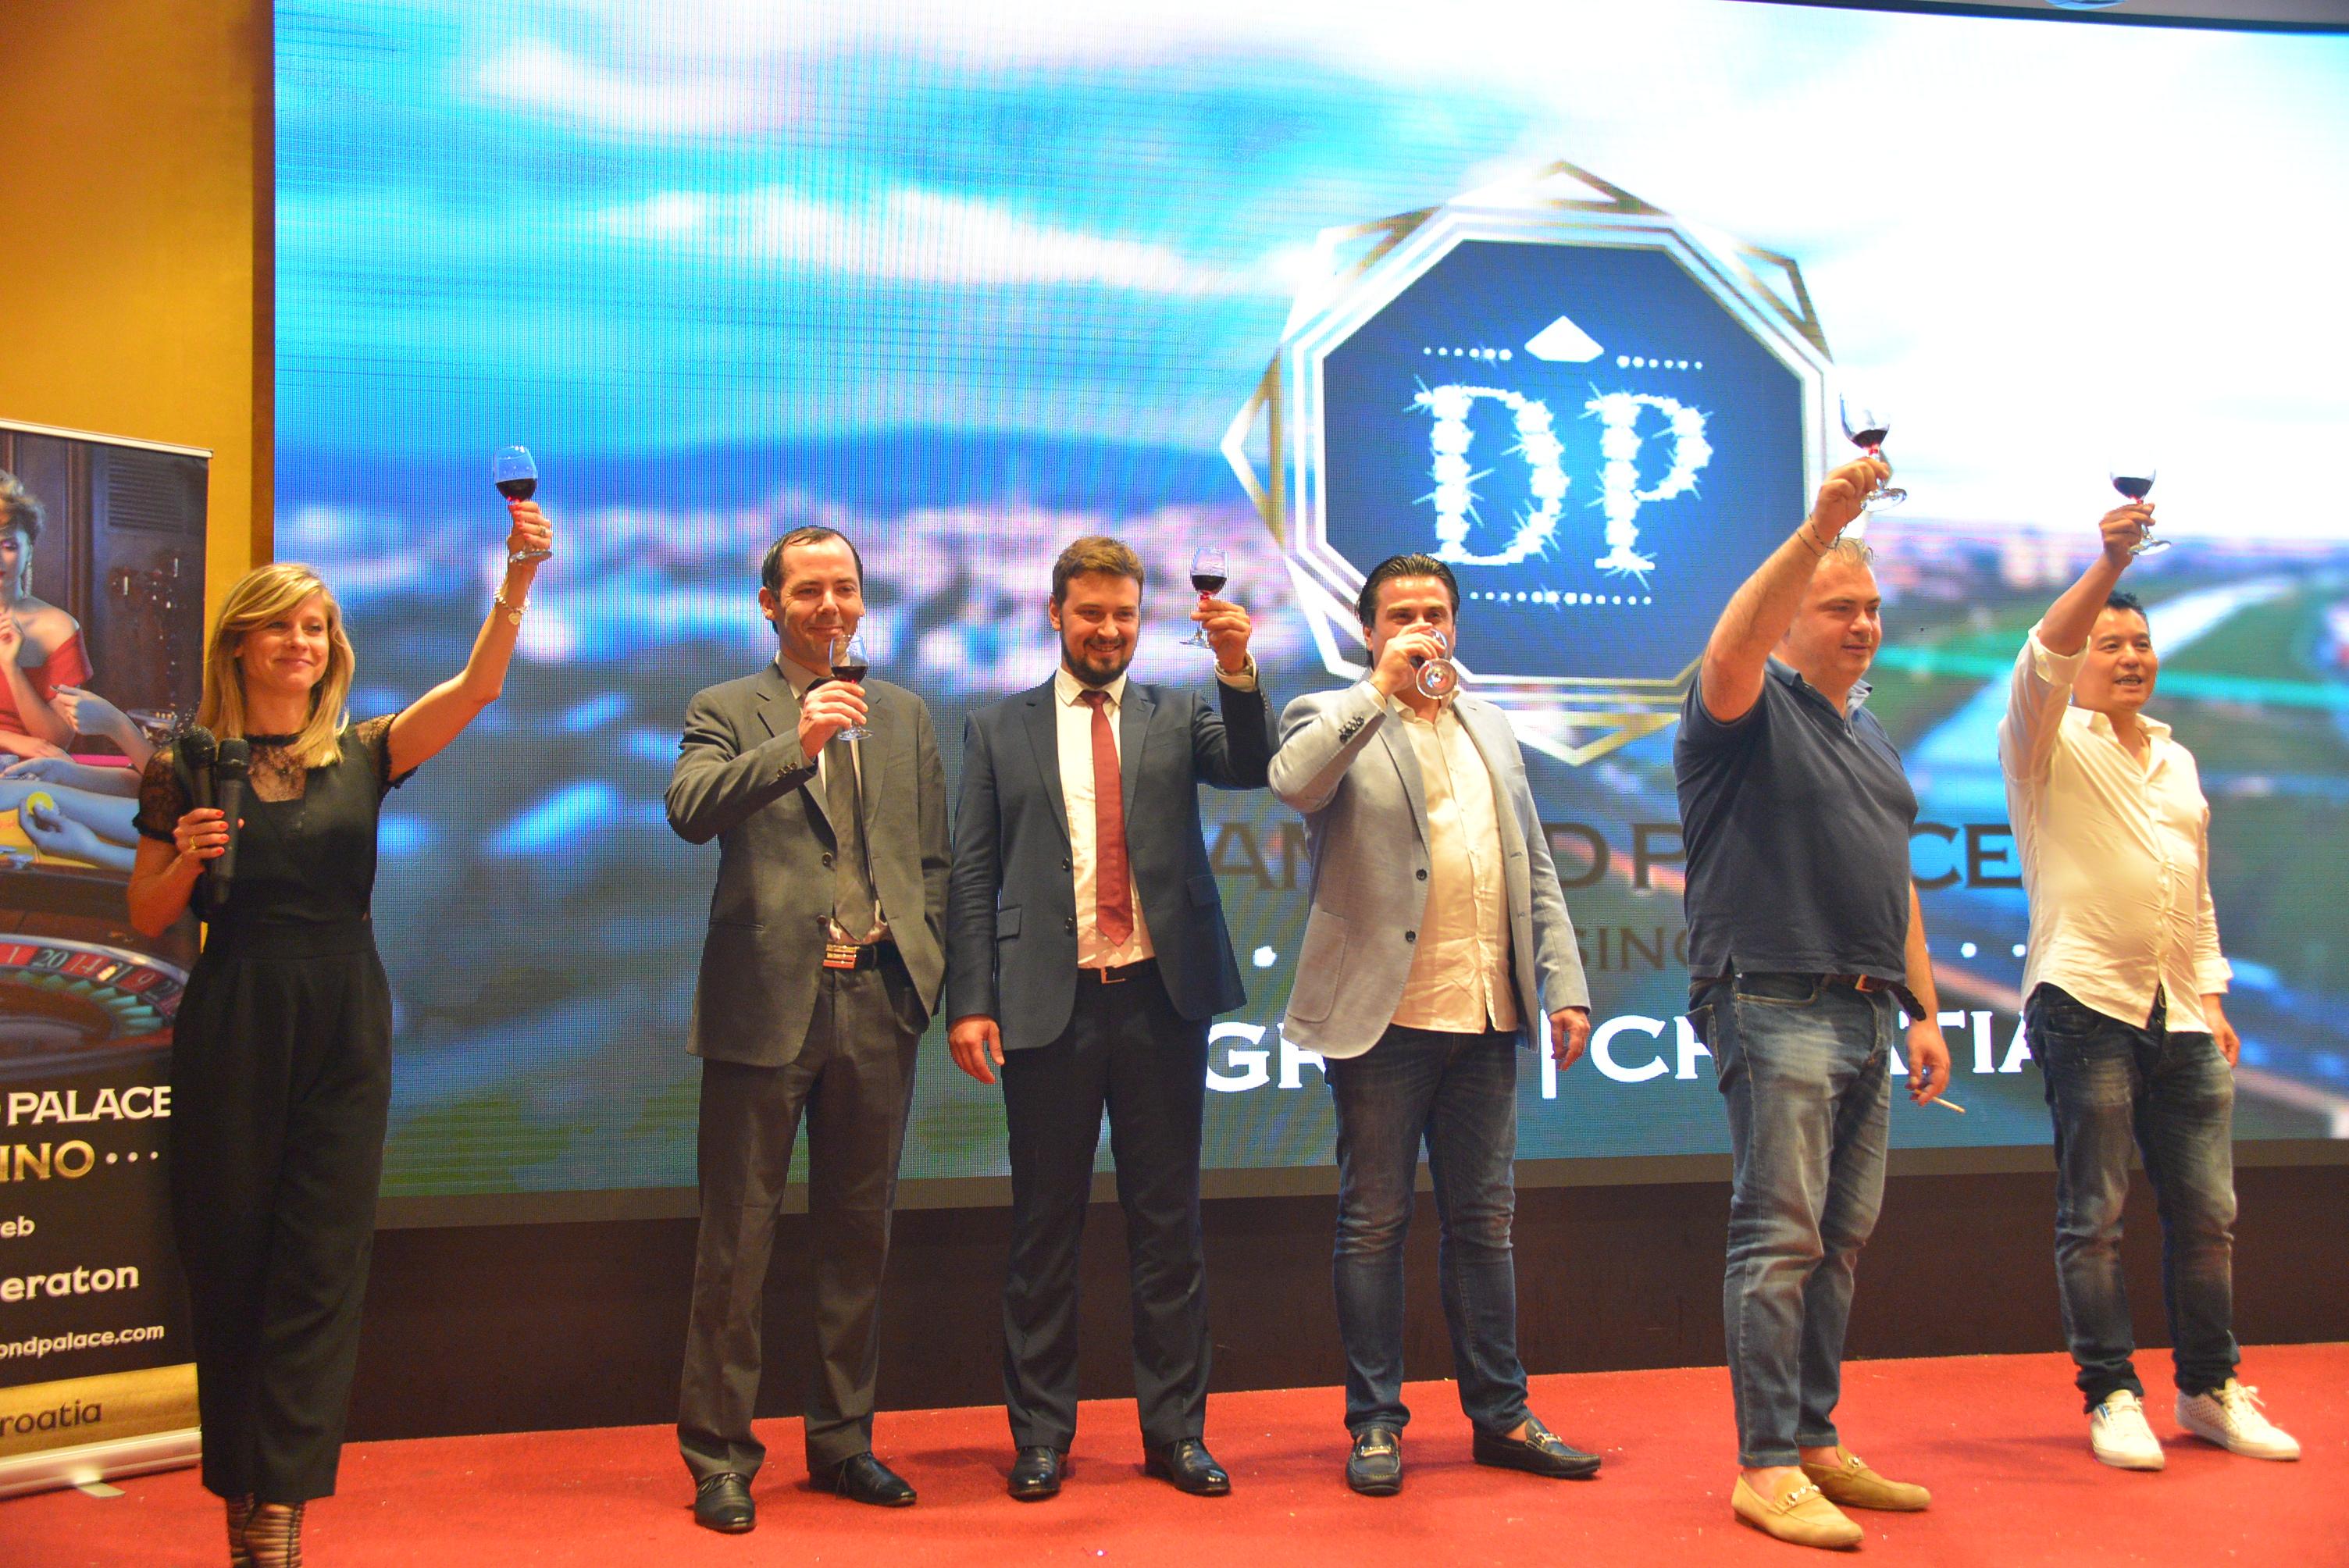 克罗地亚DP CASINO在米兰举办推荐会